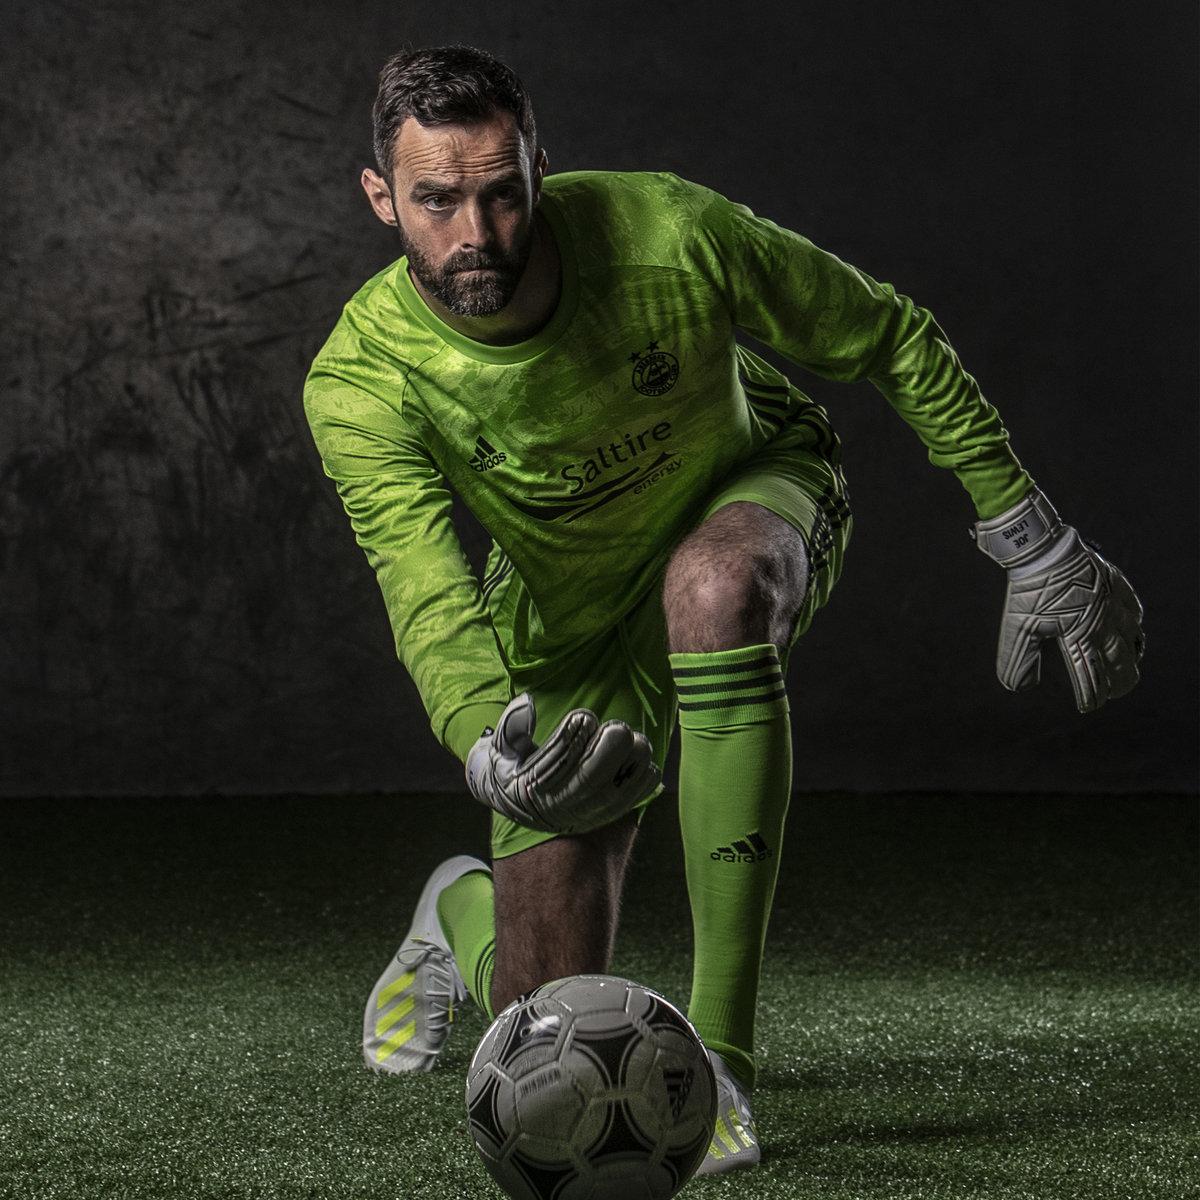 fe0daaa32ca 2019/20 HOME GK SOCK - 2019/20 GoalKeeper Kit | Aberdeen FC